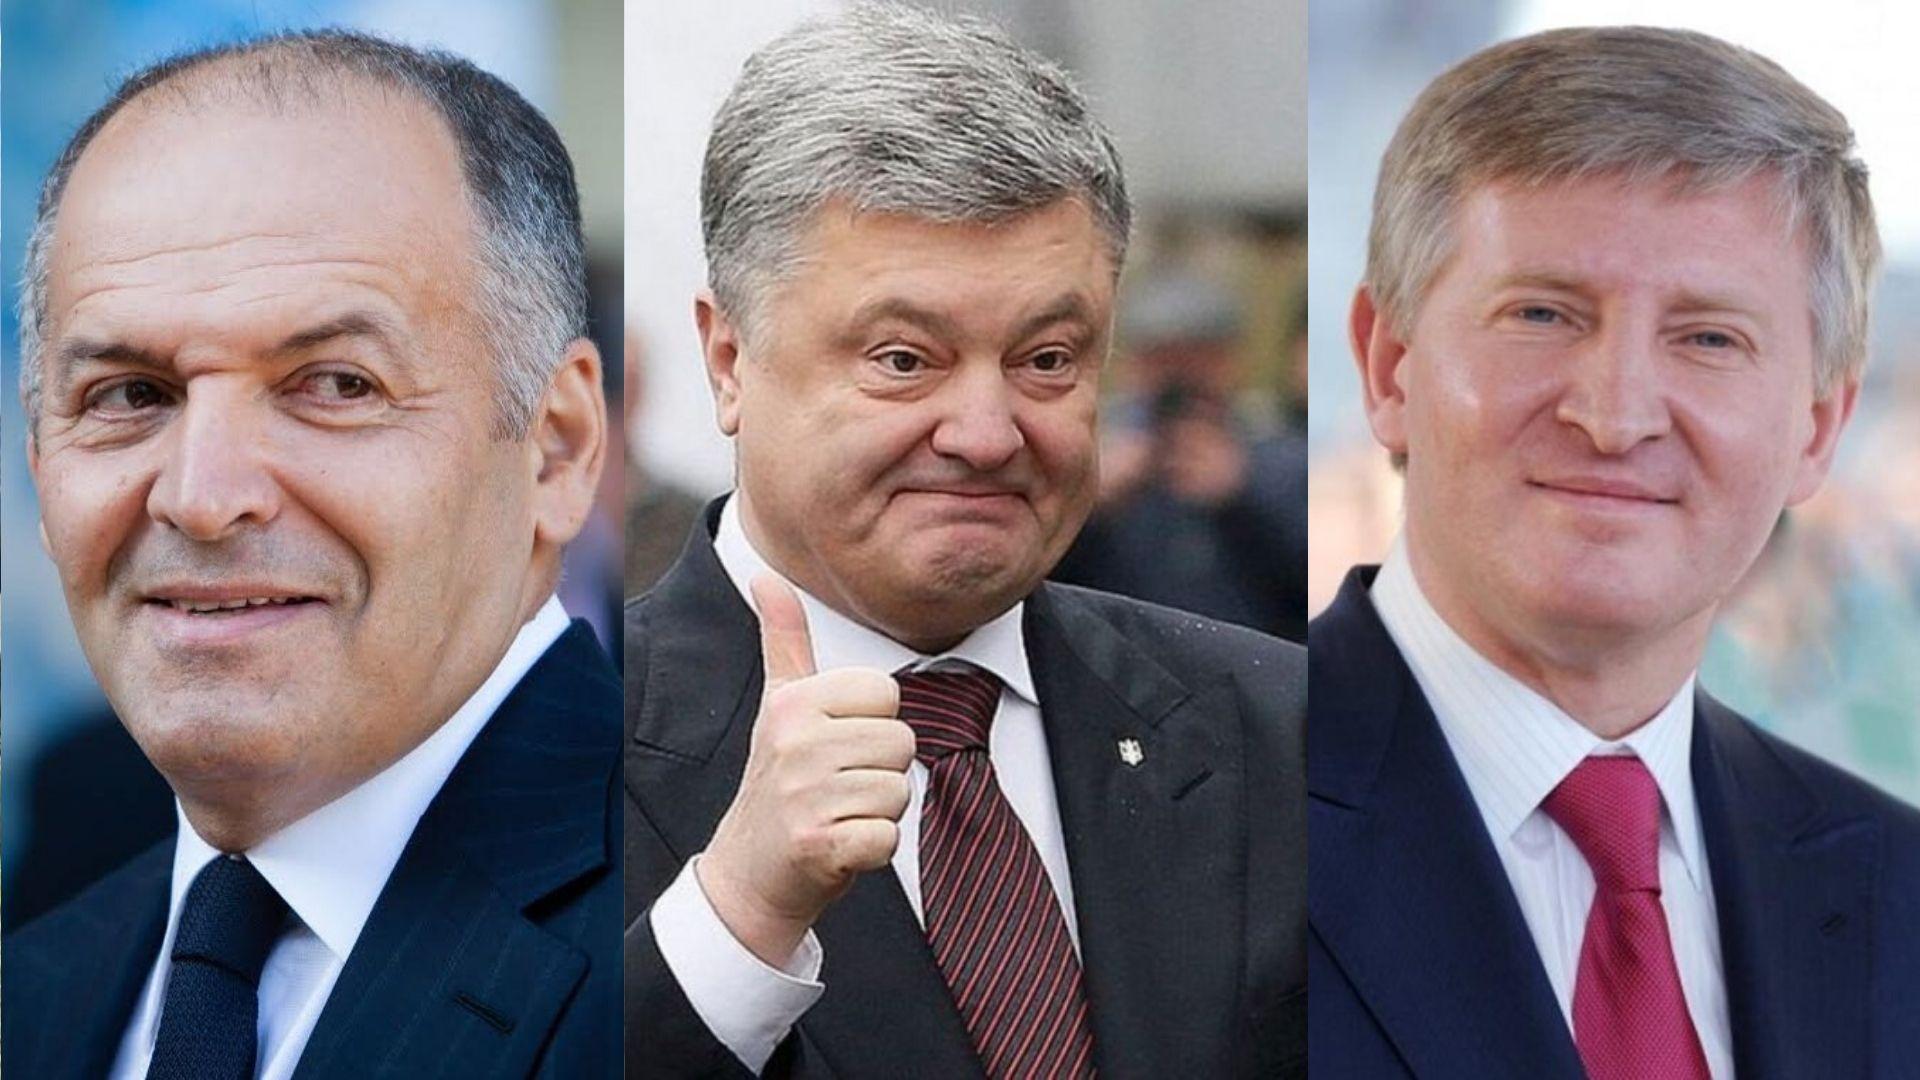 Ахметов, Пінчук та Порошенко - найбагатші люди в Україні – Forbes